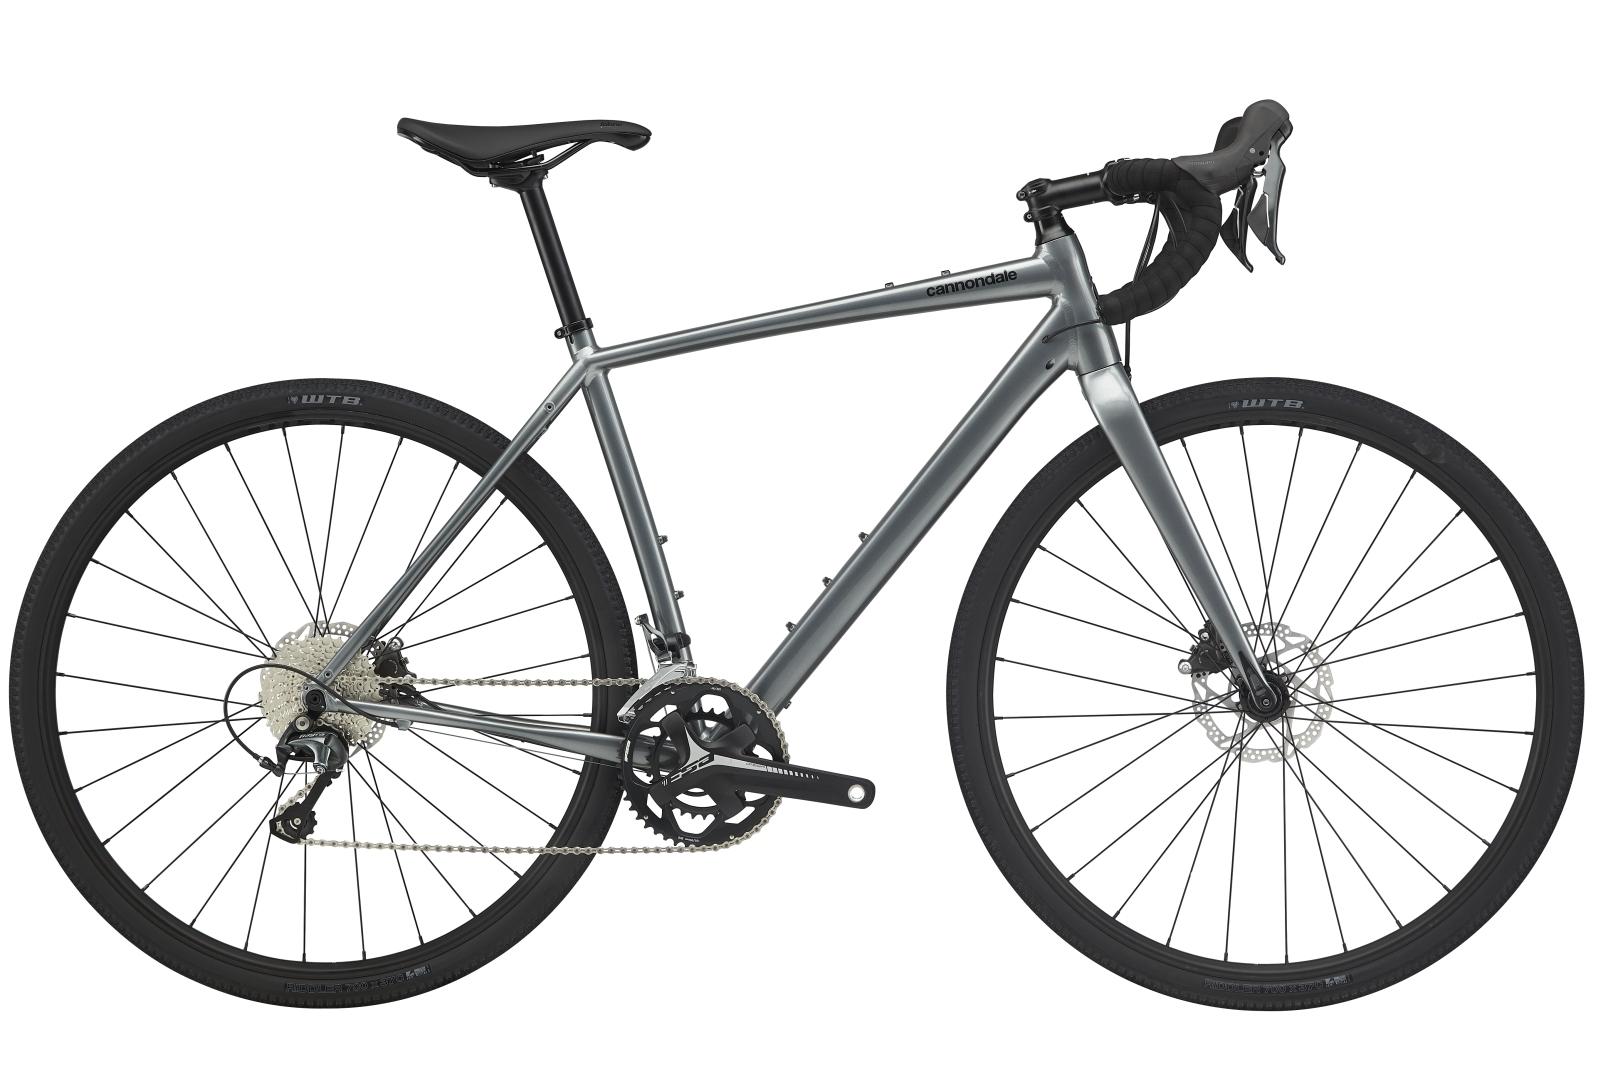 Cannondale Topstone Tiagra gravel kerékpár - szürke - L (2020)